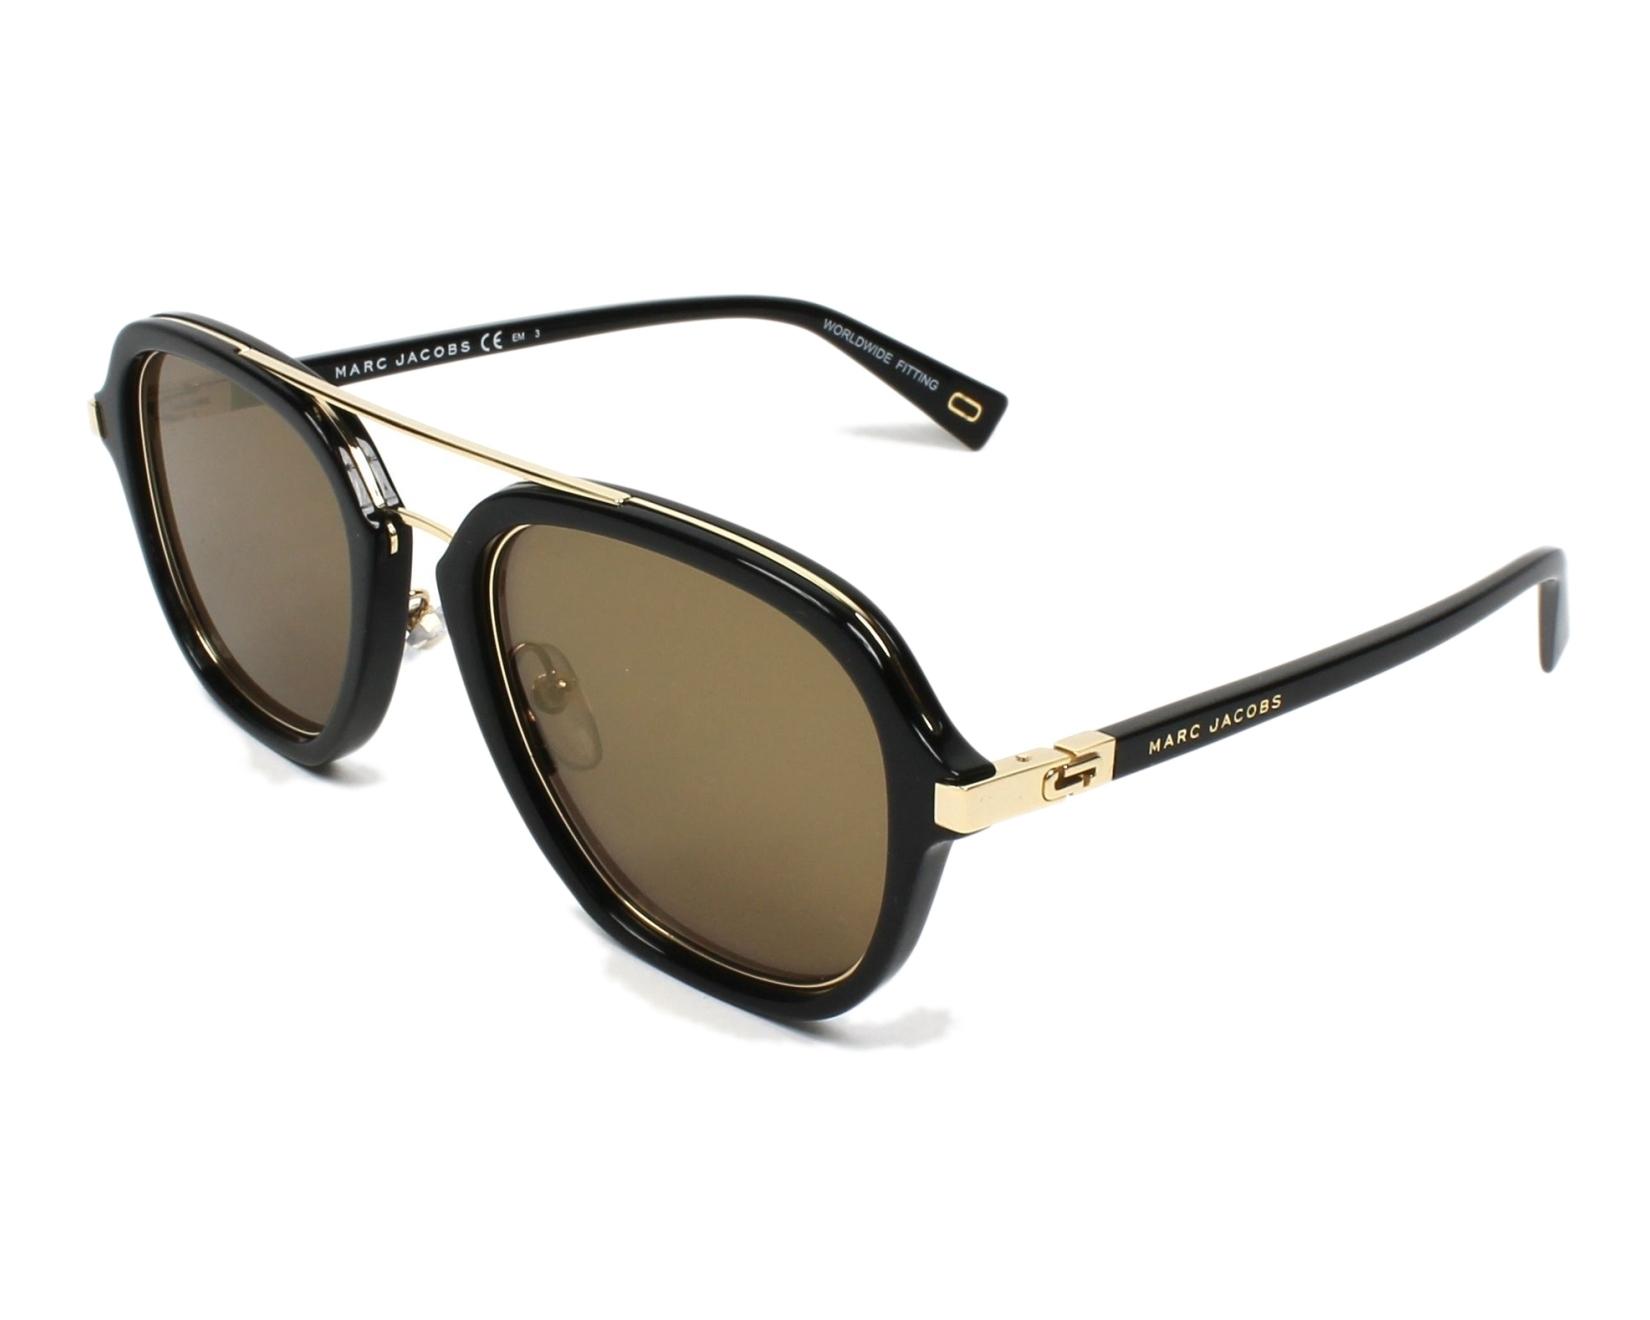 45ebe5077a528 Lunettes de soleil Marc Jacobs MARC-172-S 2M2 K1 - Noir Or